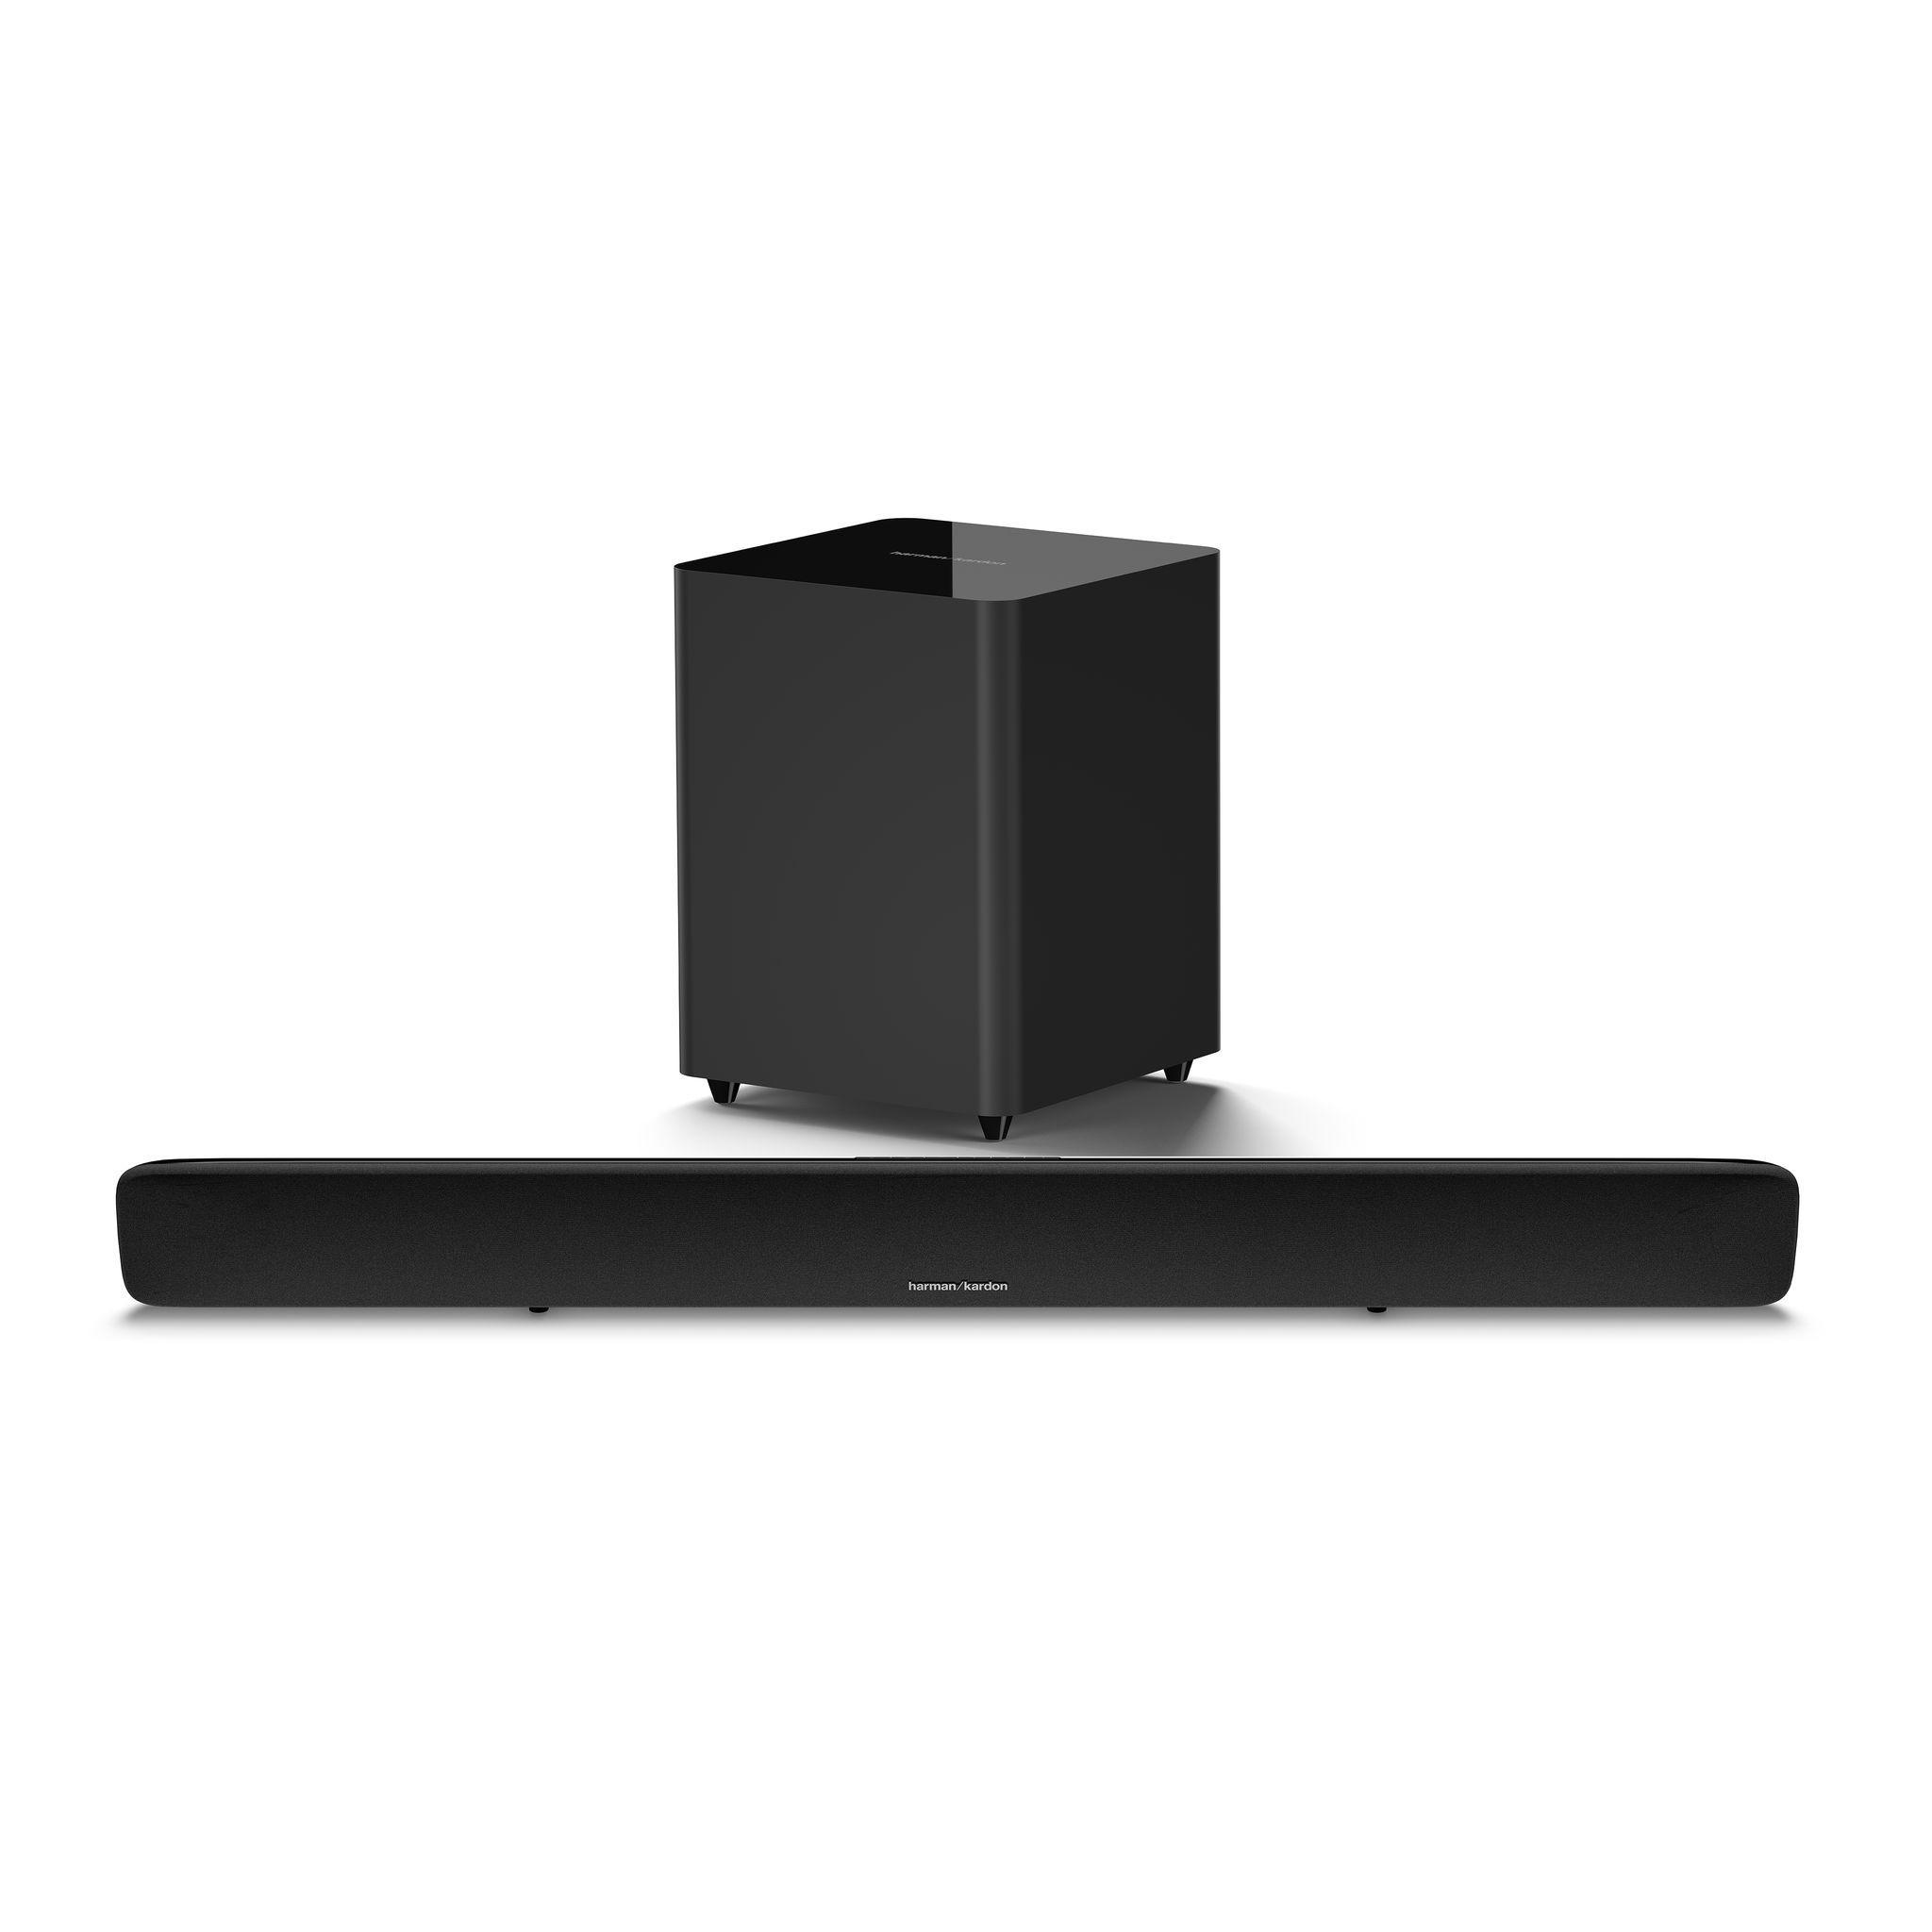 Soundbar Harman Kardon SB20 - Black